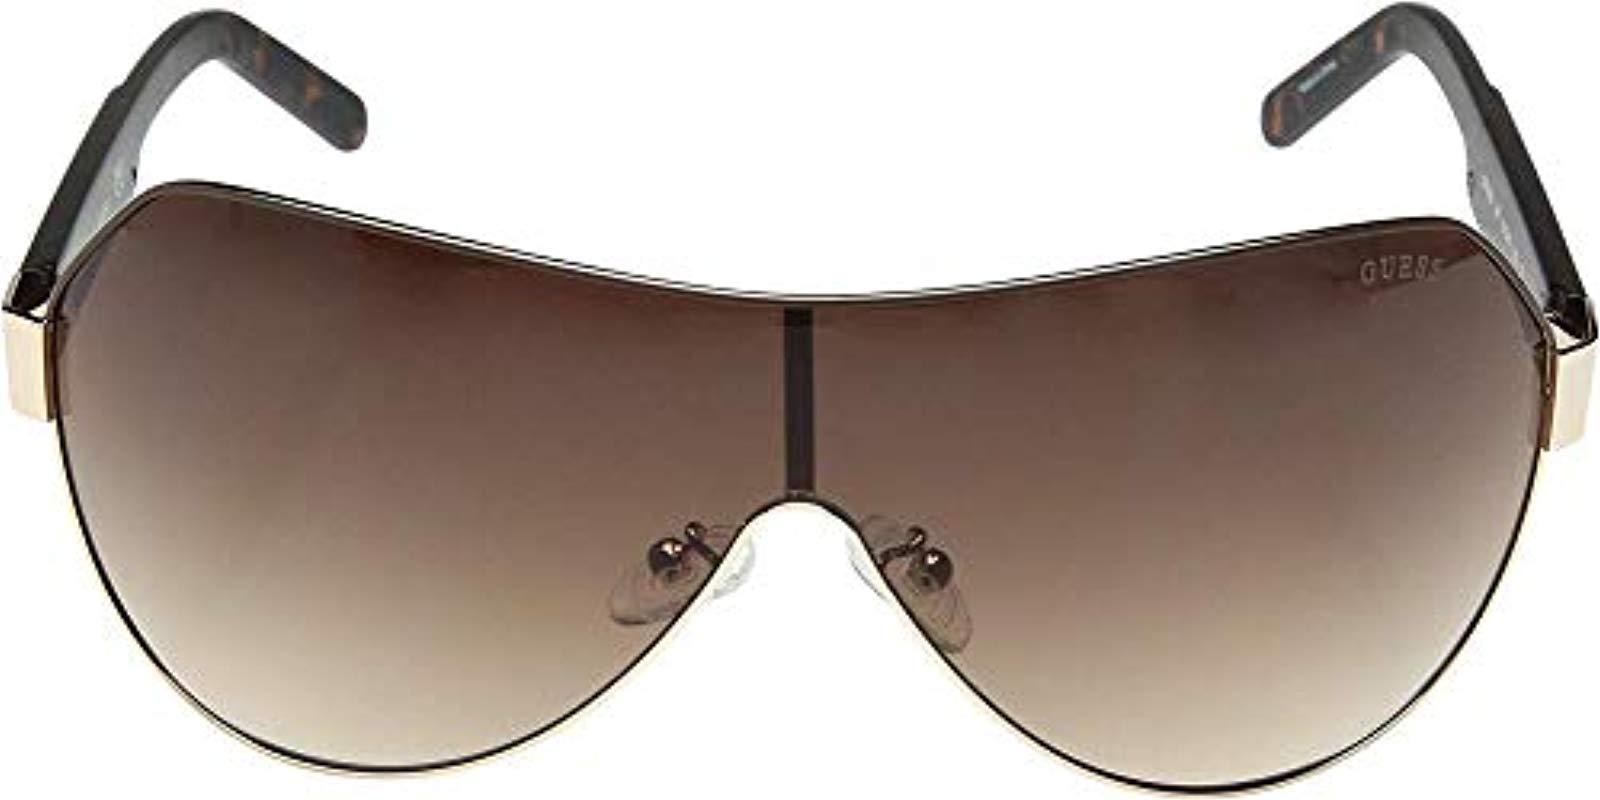 GF5026-0032F, Montures de lunettes Mixte Adulte, Marron (Marrón) Guess en coloris Marron  Ps2E